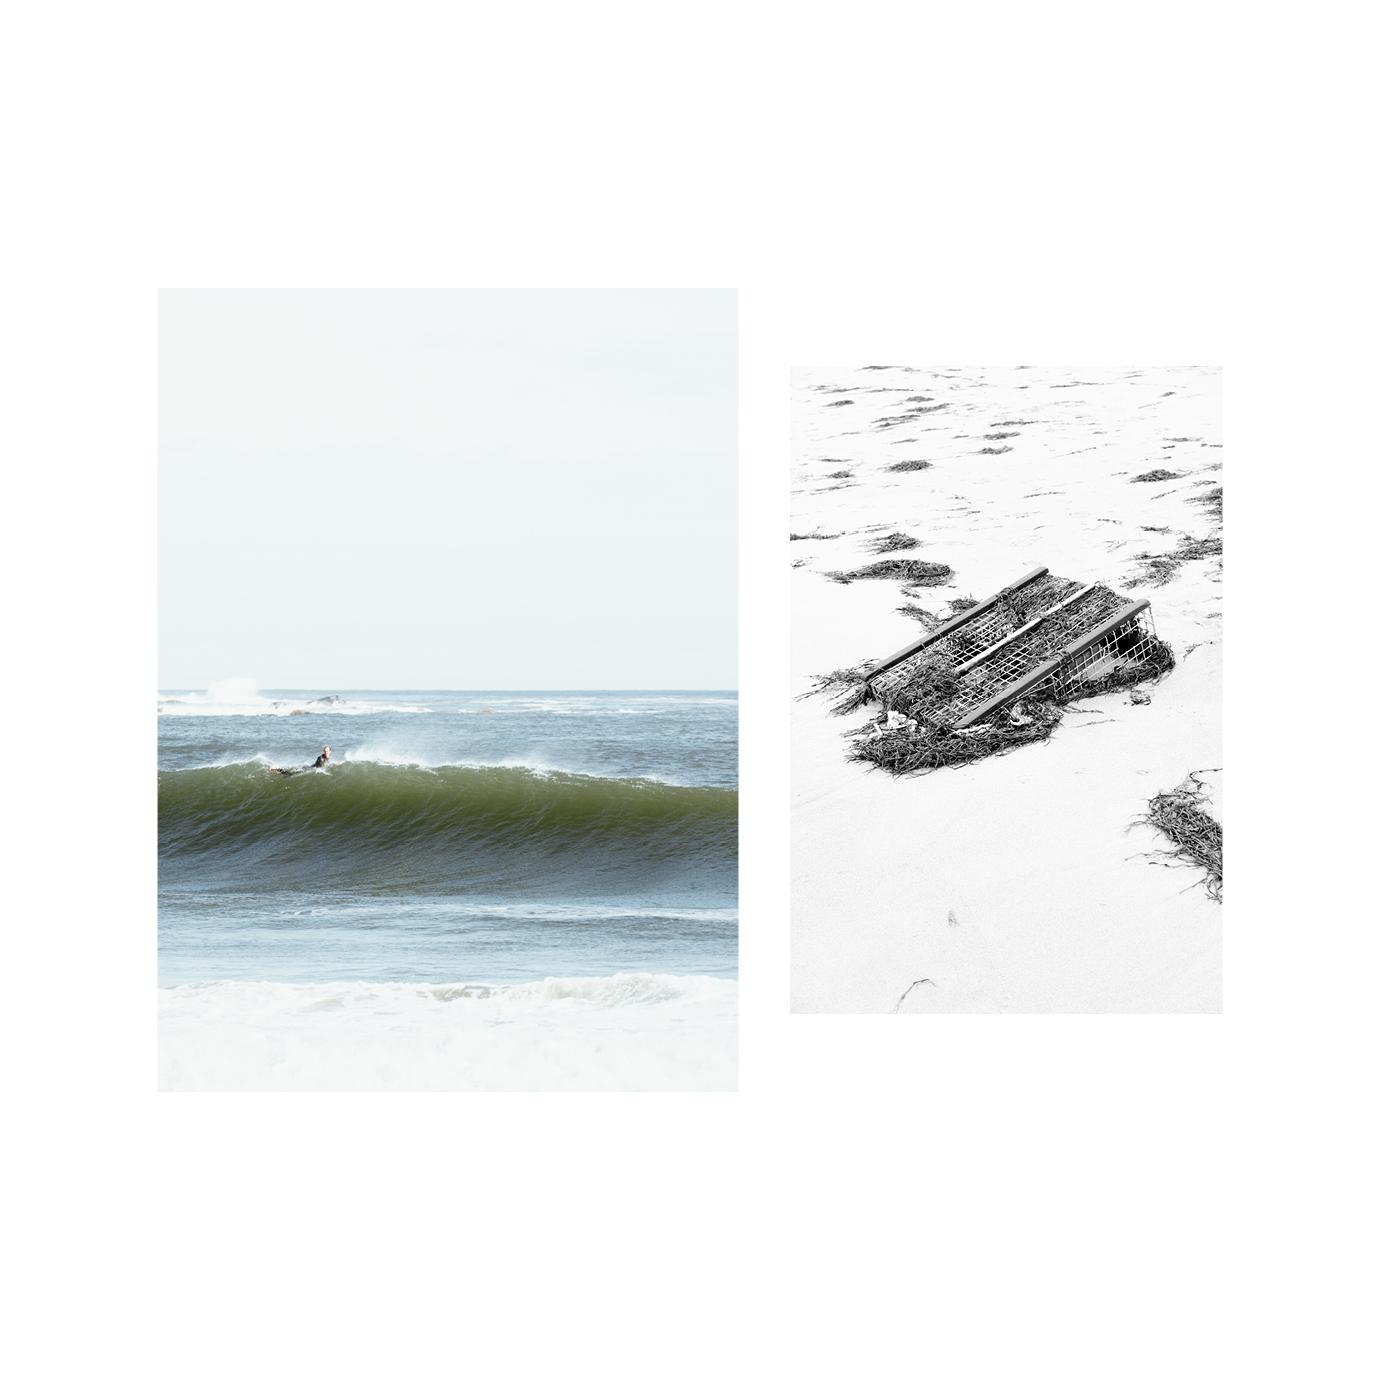 vague et surf Jeremy Le Chatelier Montréal